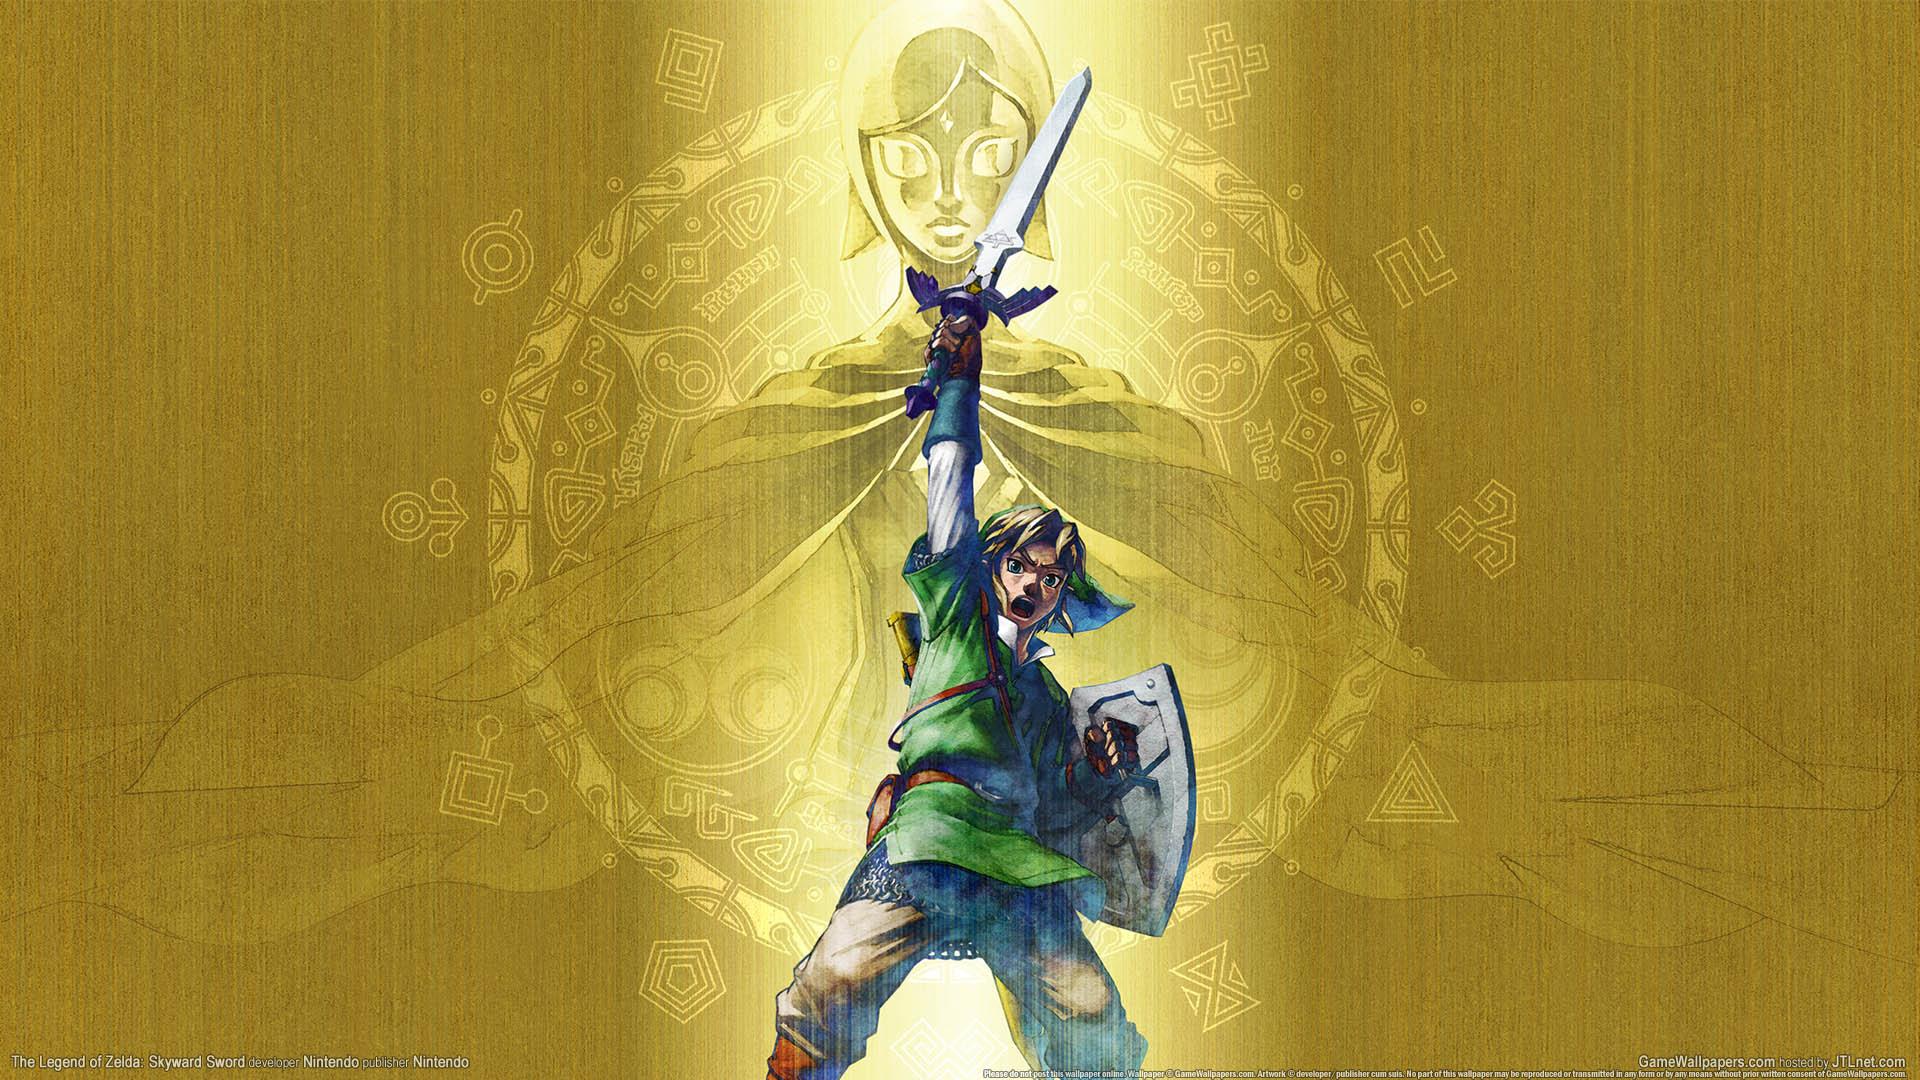 The Legend of Zelda: Skyward Sword wallpaper 01 1920x1080